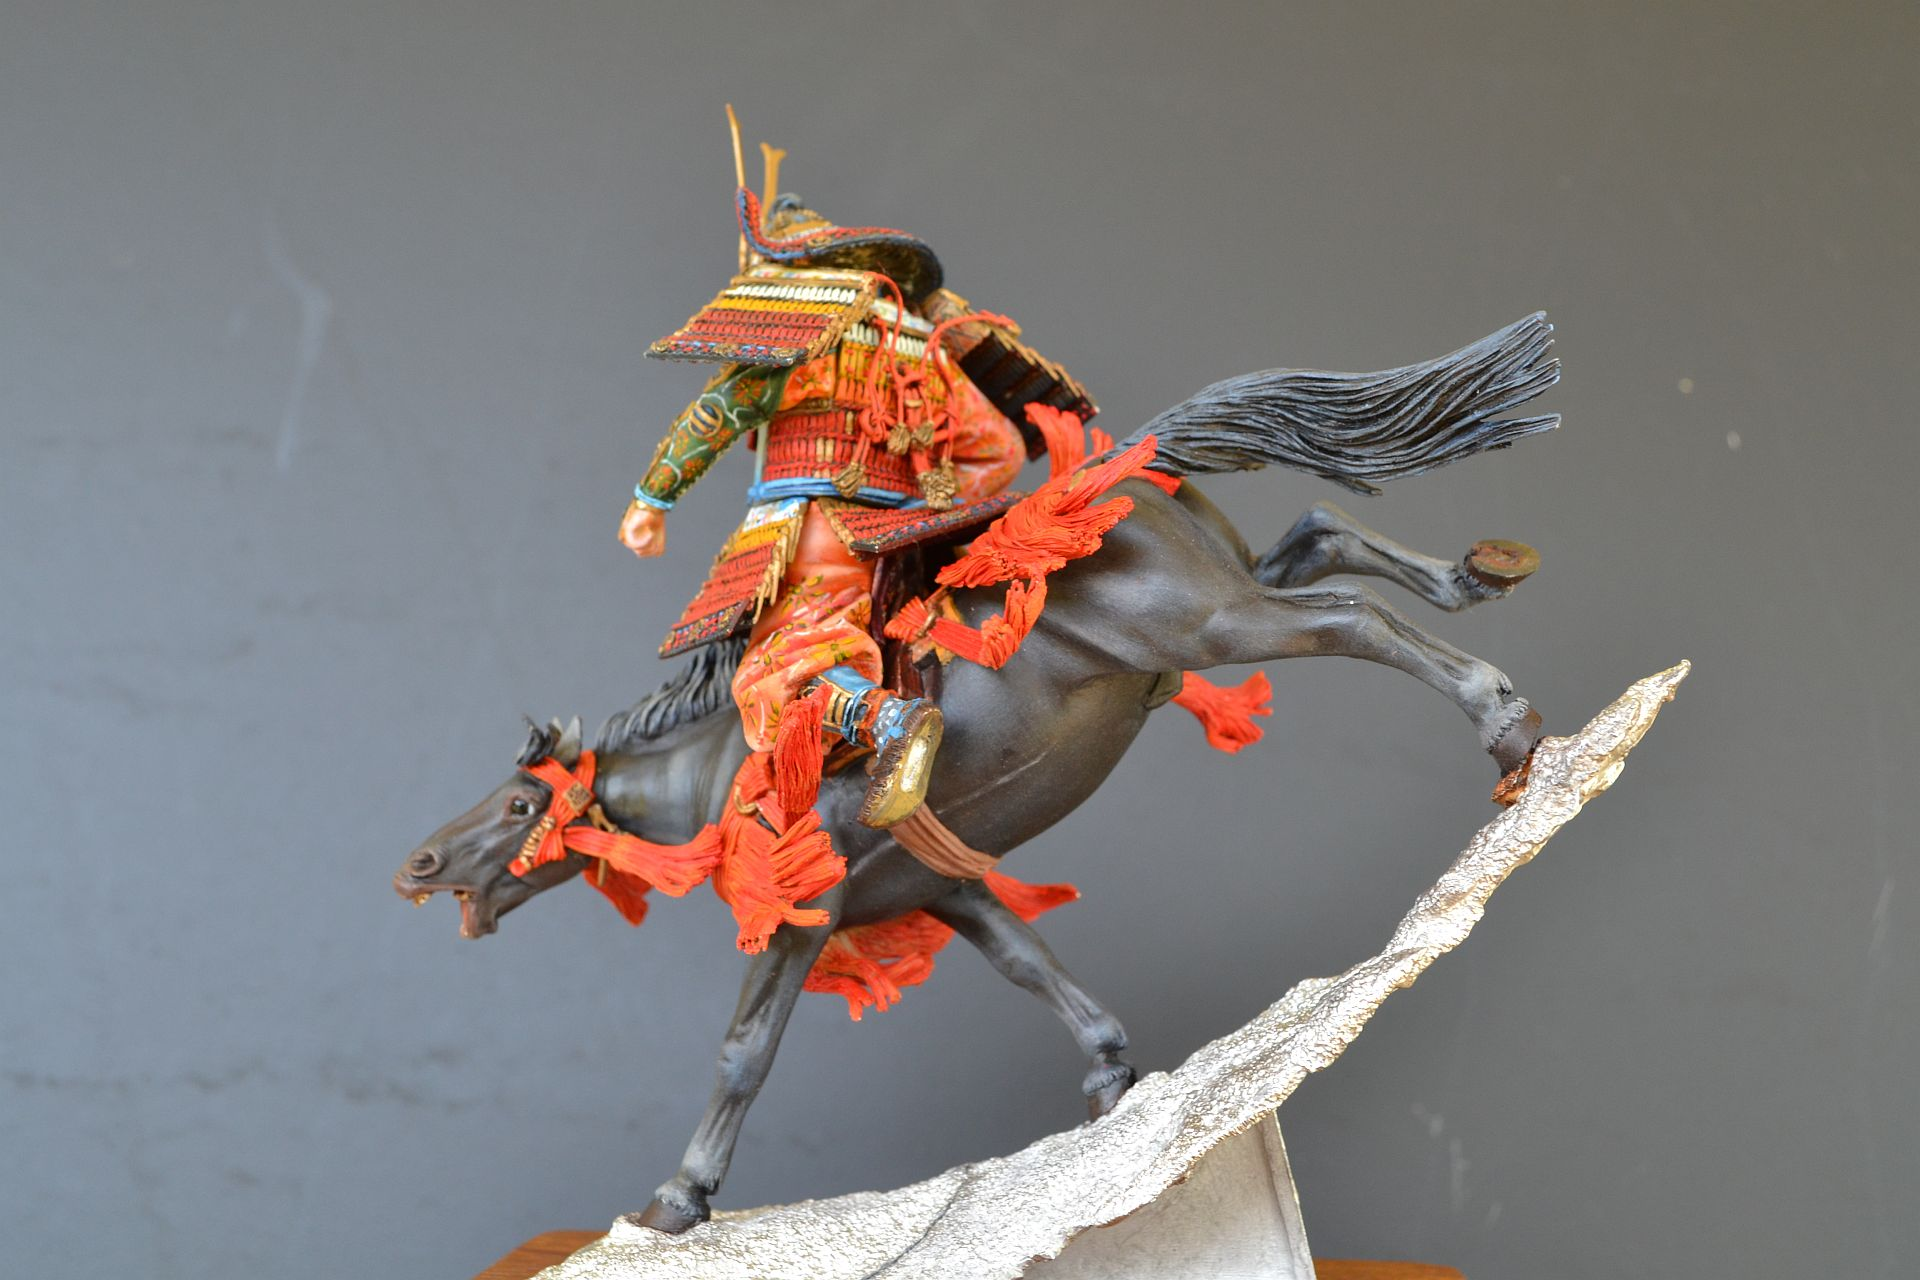 figurine pegaso - samouraï 90 mm - Page 3 160811060116101085